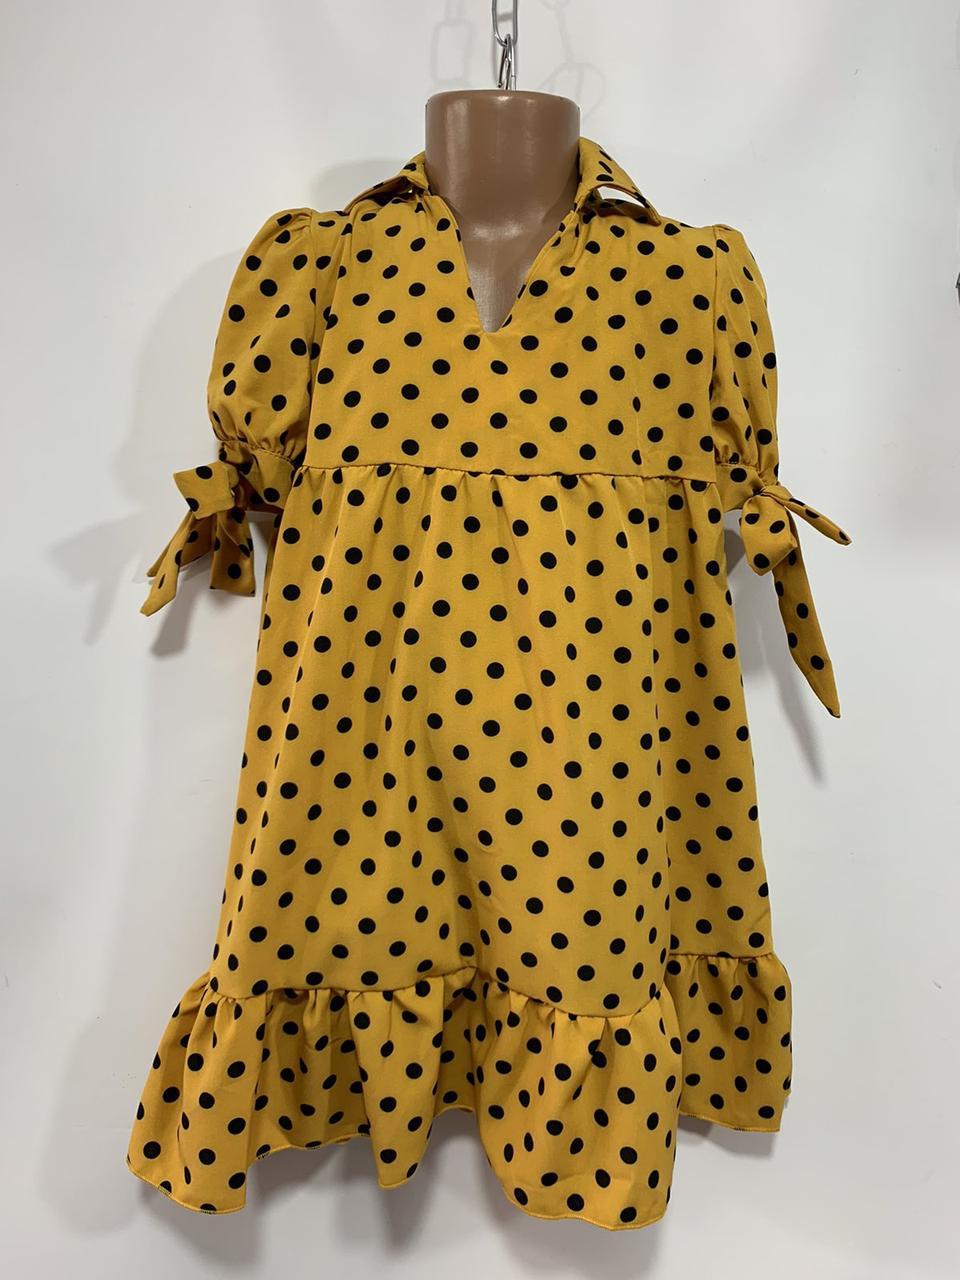 Літнє плаття для дівчинки в горох р. 6-10 років жовте